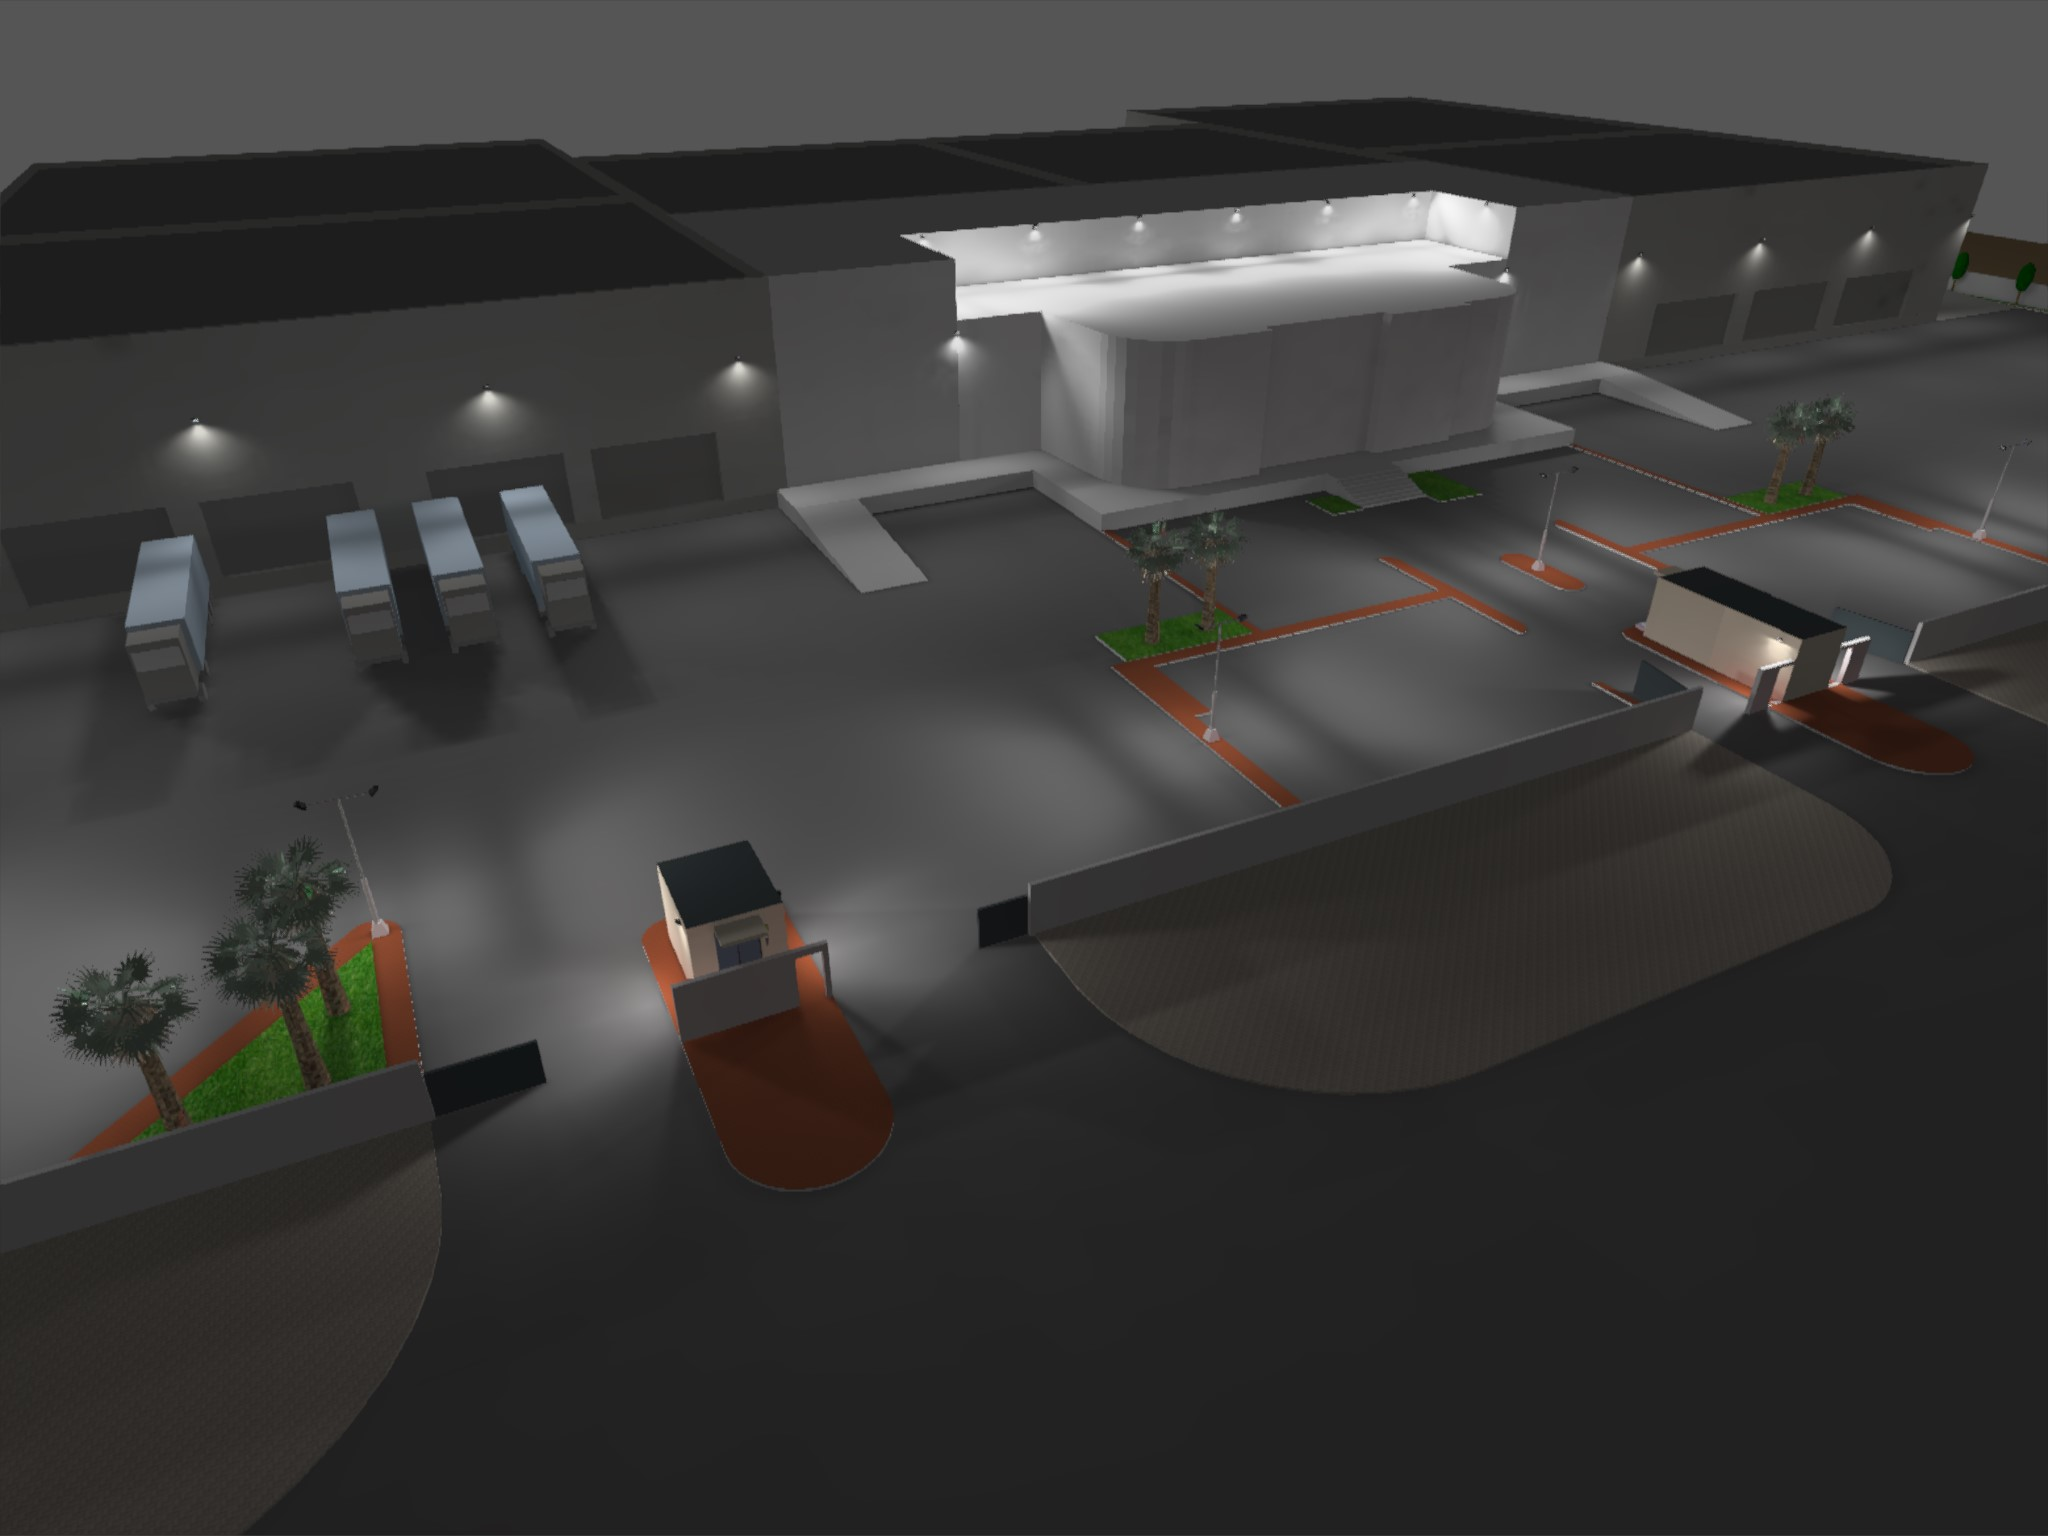 Dialux evo - Warehouse Design - Site View1